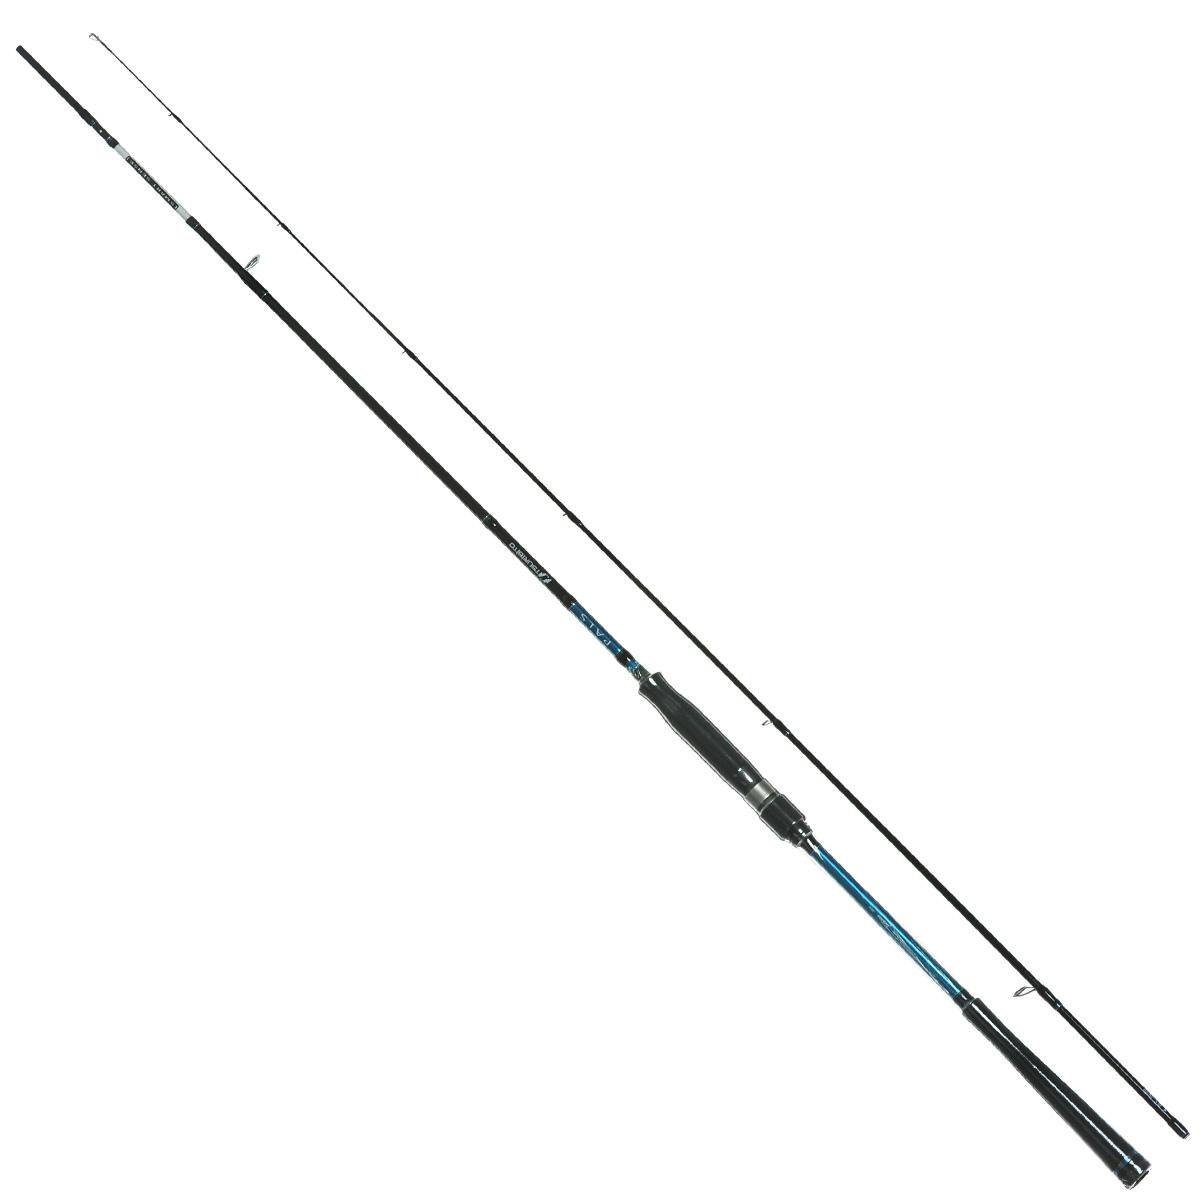 Удилище спиннинговое Tsuribito-Jackson Pals, 2,24 м, 6-20 гPGPS7797CIS08GBNVСпиннинговое удилище Tsuribito-Jackson Pals подойдет как для ловли с лодки, так и с берега. Быстрый строй, отличная сенсорика. Бланк хорошо нагружается - бросковые характеристики этого удилища выше всяких похвал. Спиннинг Tsuribito-Jackson Pals получился универсальным. Отлично подходят для джига, отводного поводка, ловли блеснами всех типов. При разработке удилища основное внимание уделялось: Качеству: все удилища выполнены на основе бланков из высокомодульного карбона, оснащены кольцами и катушкодержателем от FUJI. Рабочим характеристикам: высокой чувствительности и прочности бланков, дальности заброса. Дизайну и эргономике: удилище выполнено в современном японском стиле. Вкусовым предпочтениям конечного потребителя: расстановке колец, строю, тестовым диапазонам. Экономике: при высочайшем качестве продукта, цена на удилище приятно удивит как конечного потребителя, так и дистрибьютора.Тест: 6-20 г.Строй: быстрый.